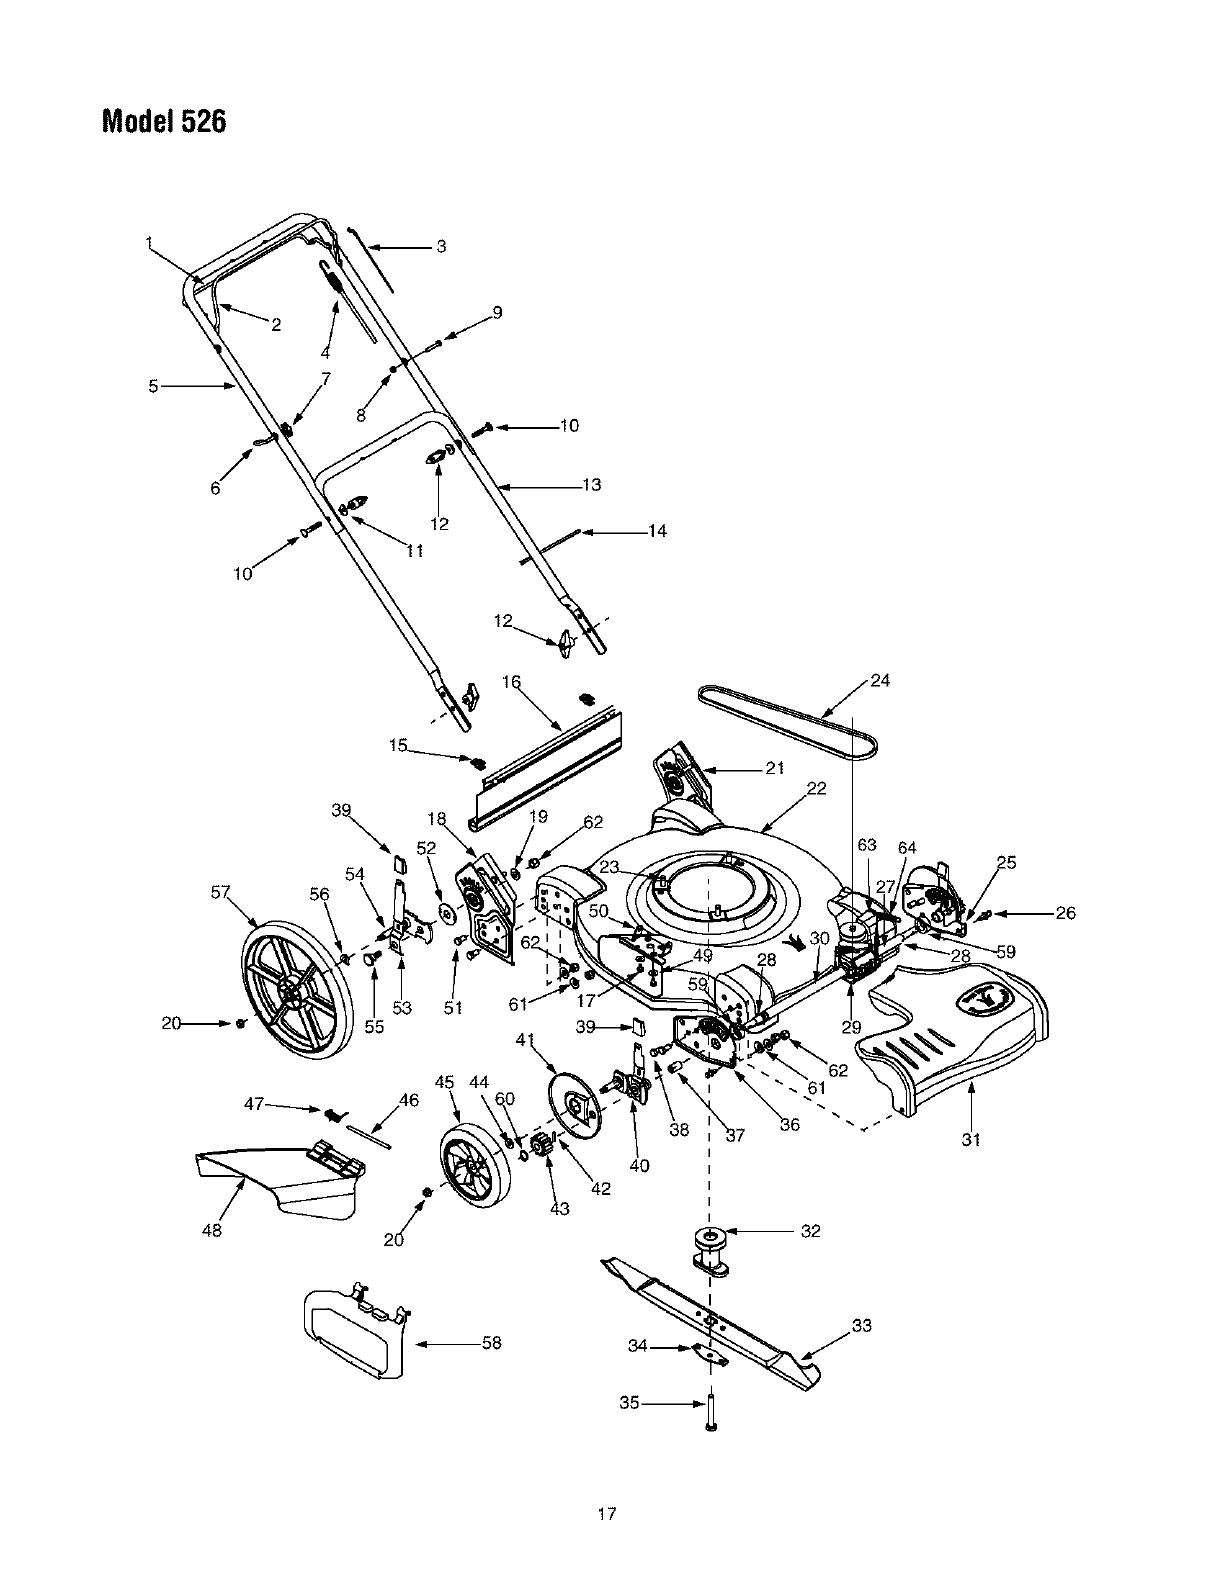 Bolens 12A 526L163 User Manual LAWN MOWER Manuals And